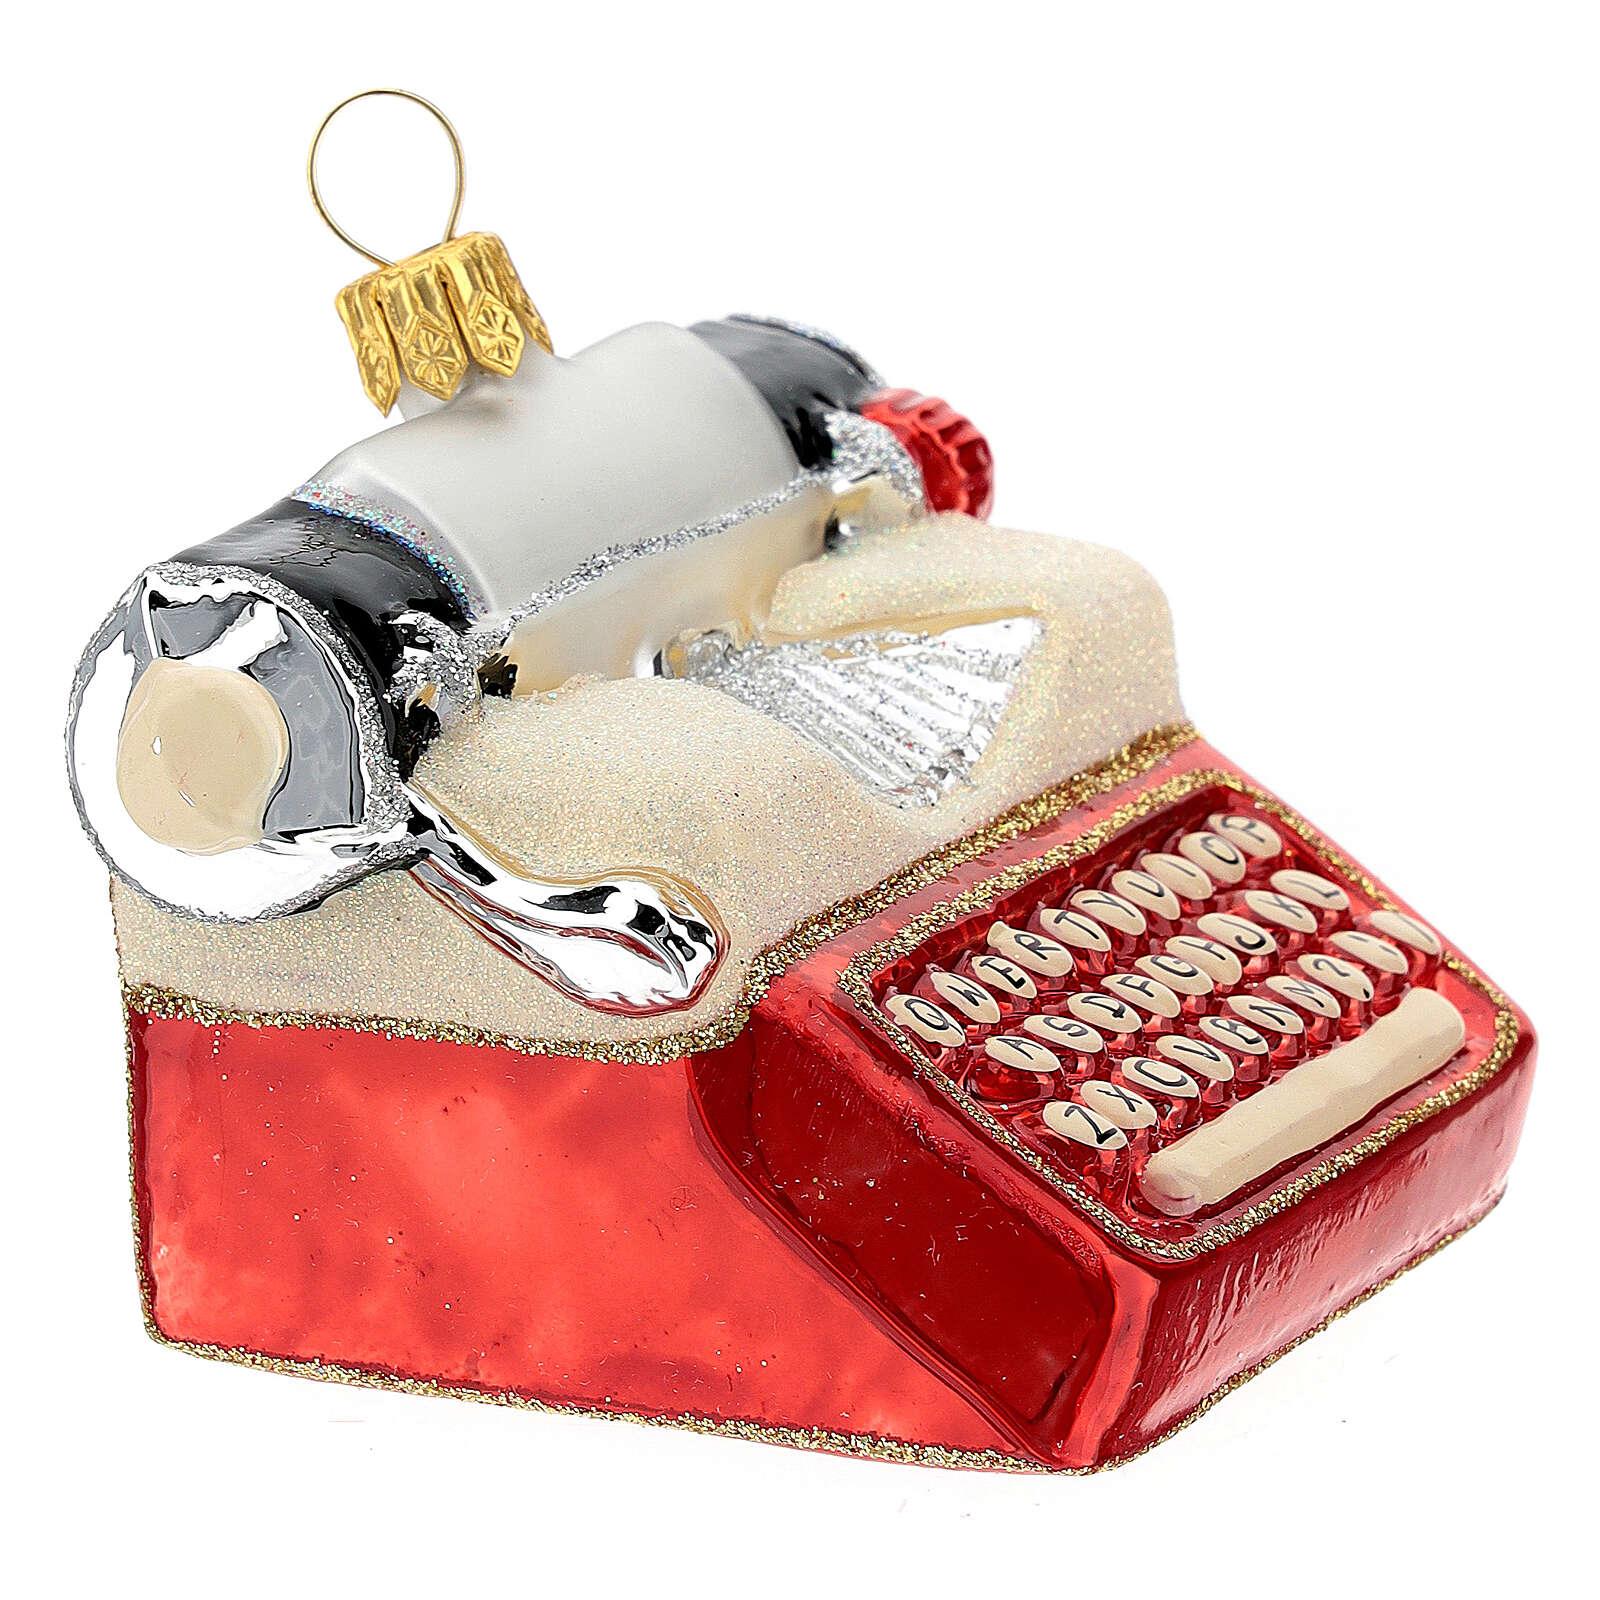 Máquina de escribir de época vidrio soplado decoración árbol Navidad 4